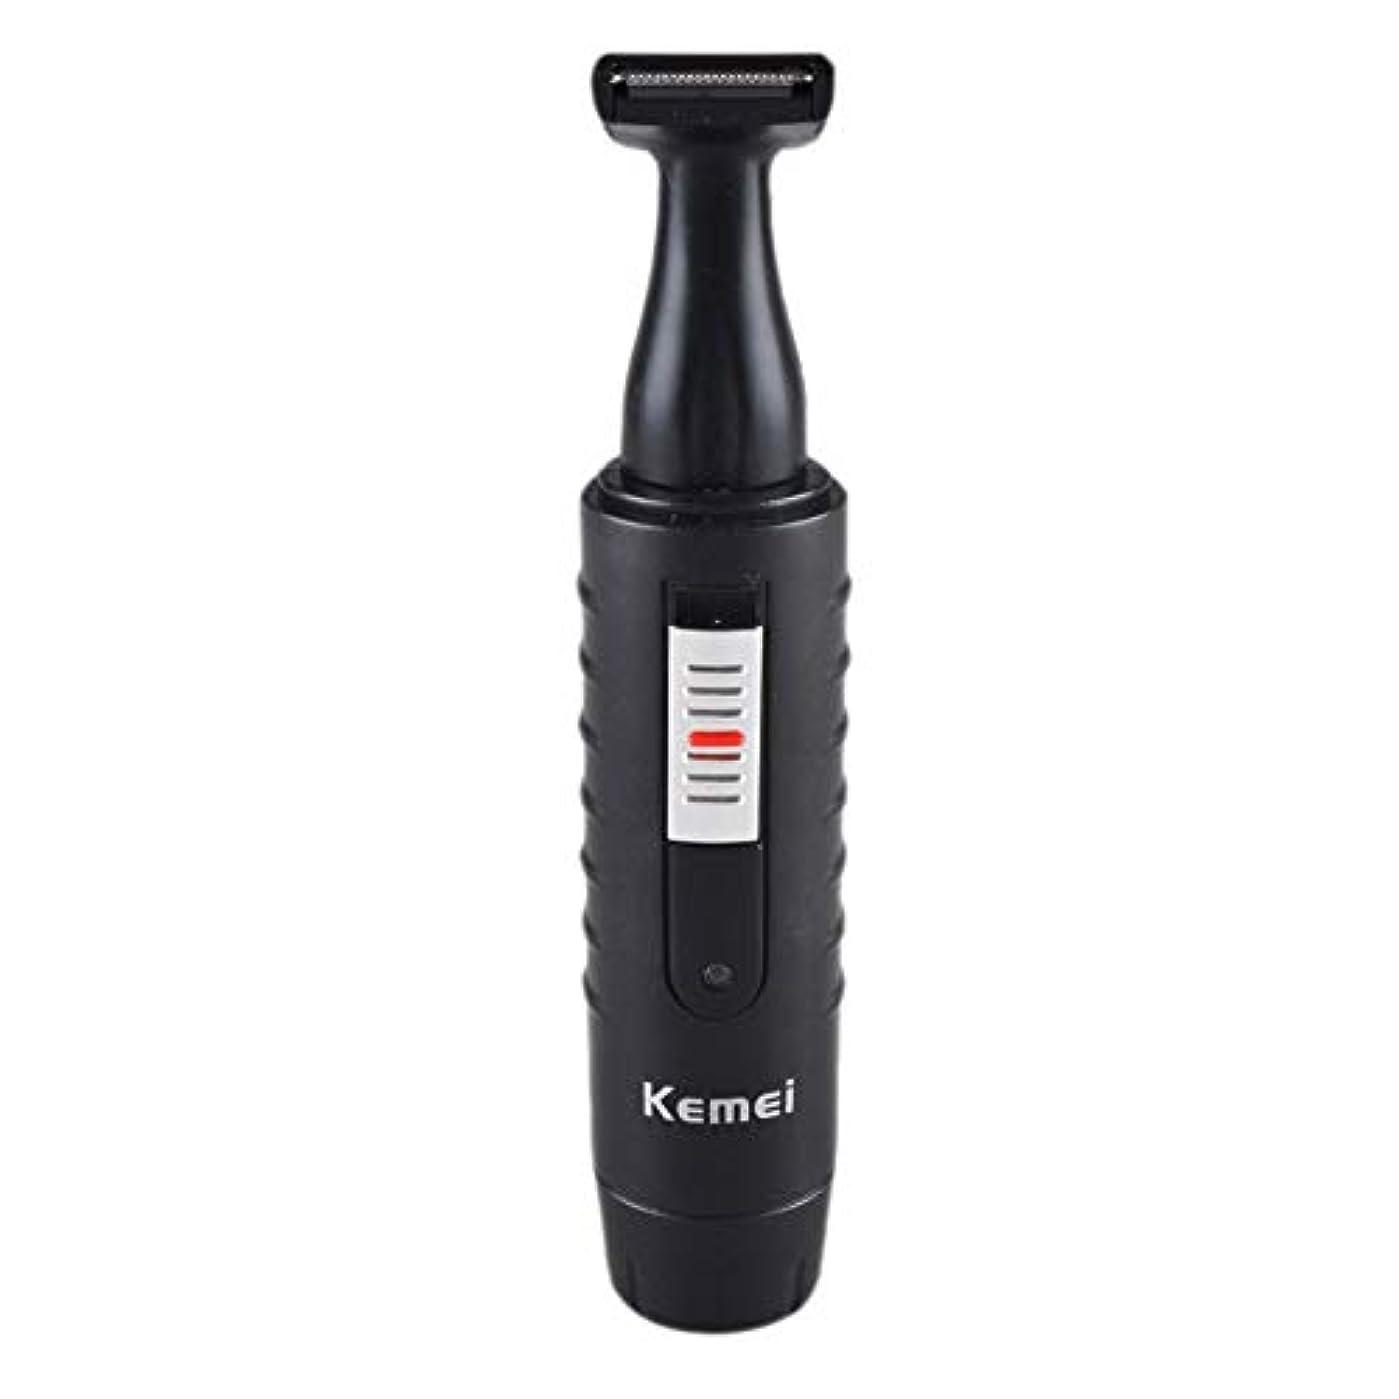 周波数スモッグステートメント男性と女性のための2-1電気鼻&耳ヘアトリマー充電式洗えるひげヘアシェーバーフェイスケアデバイス